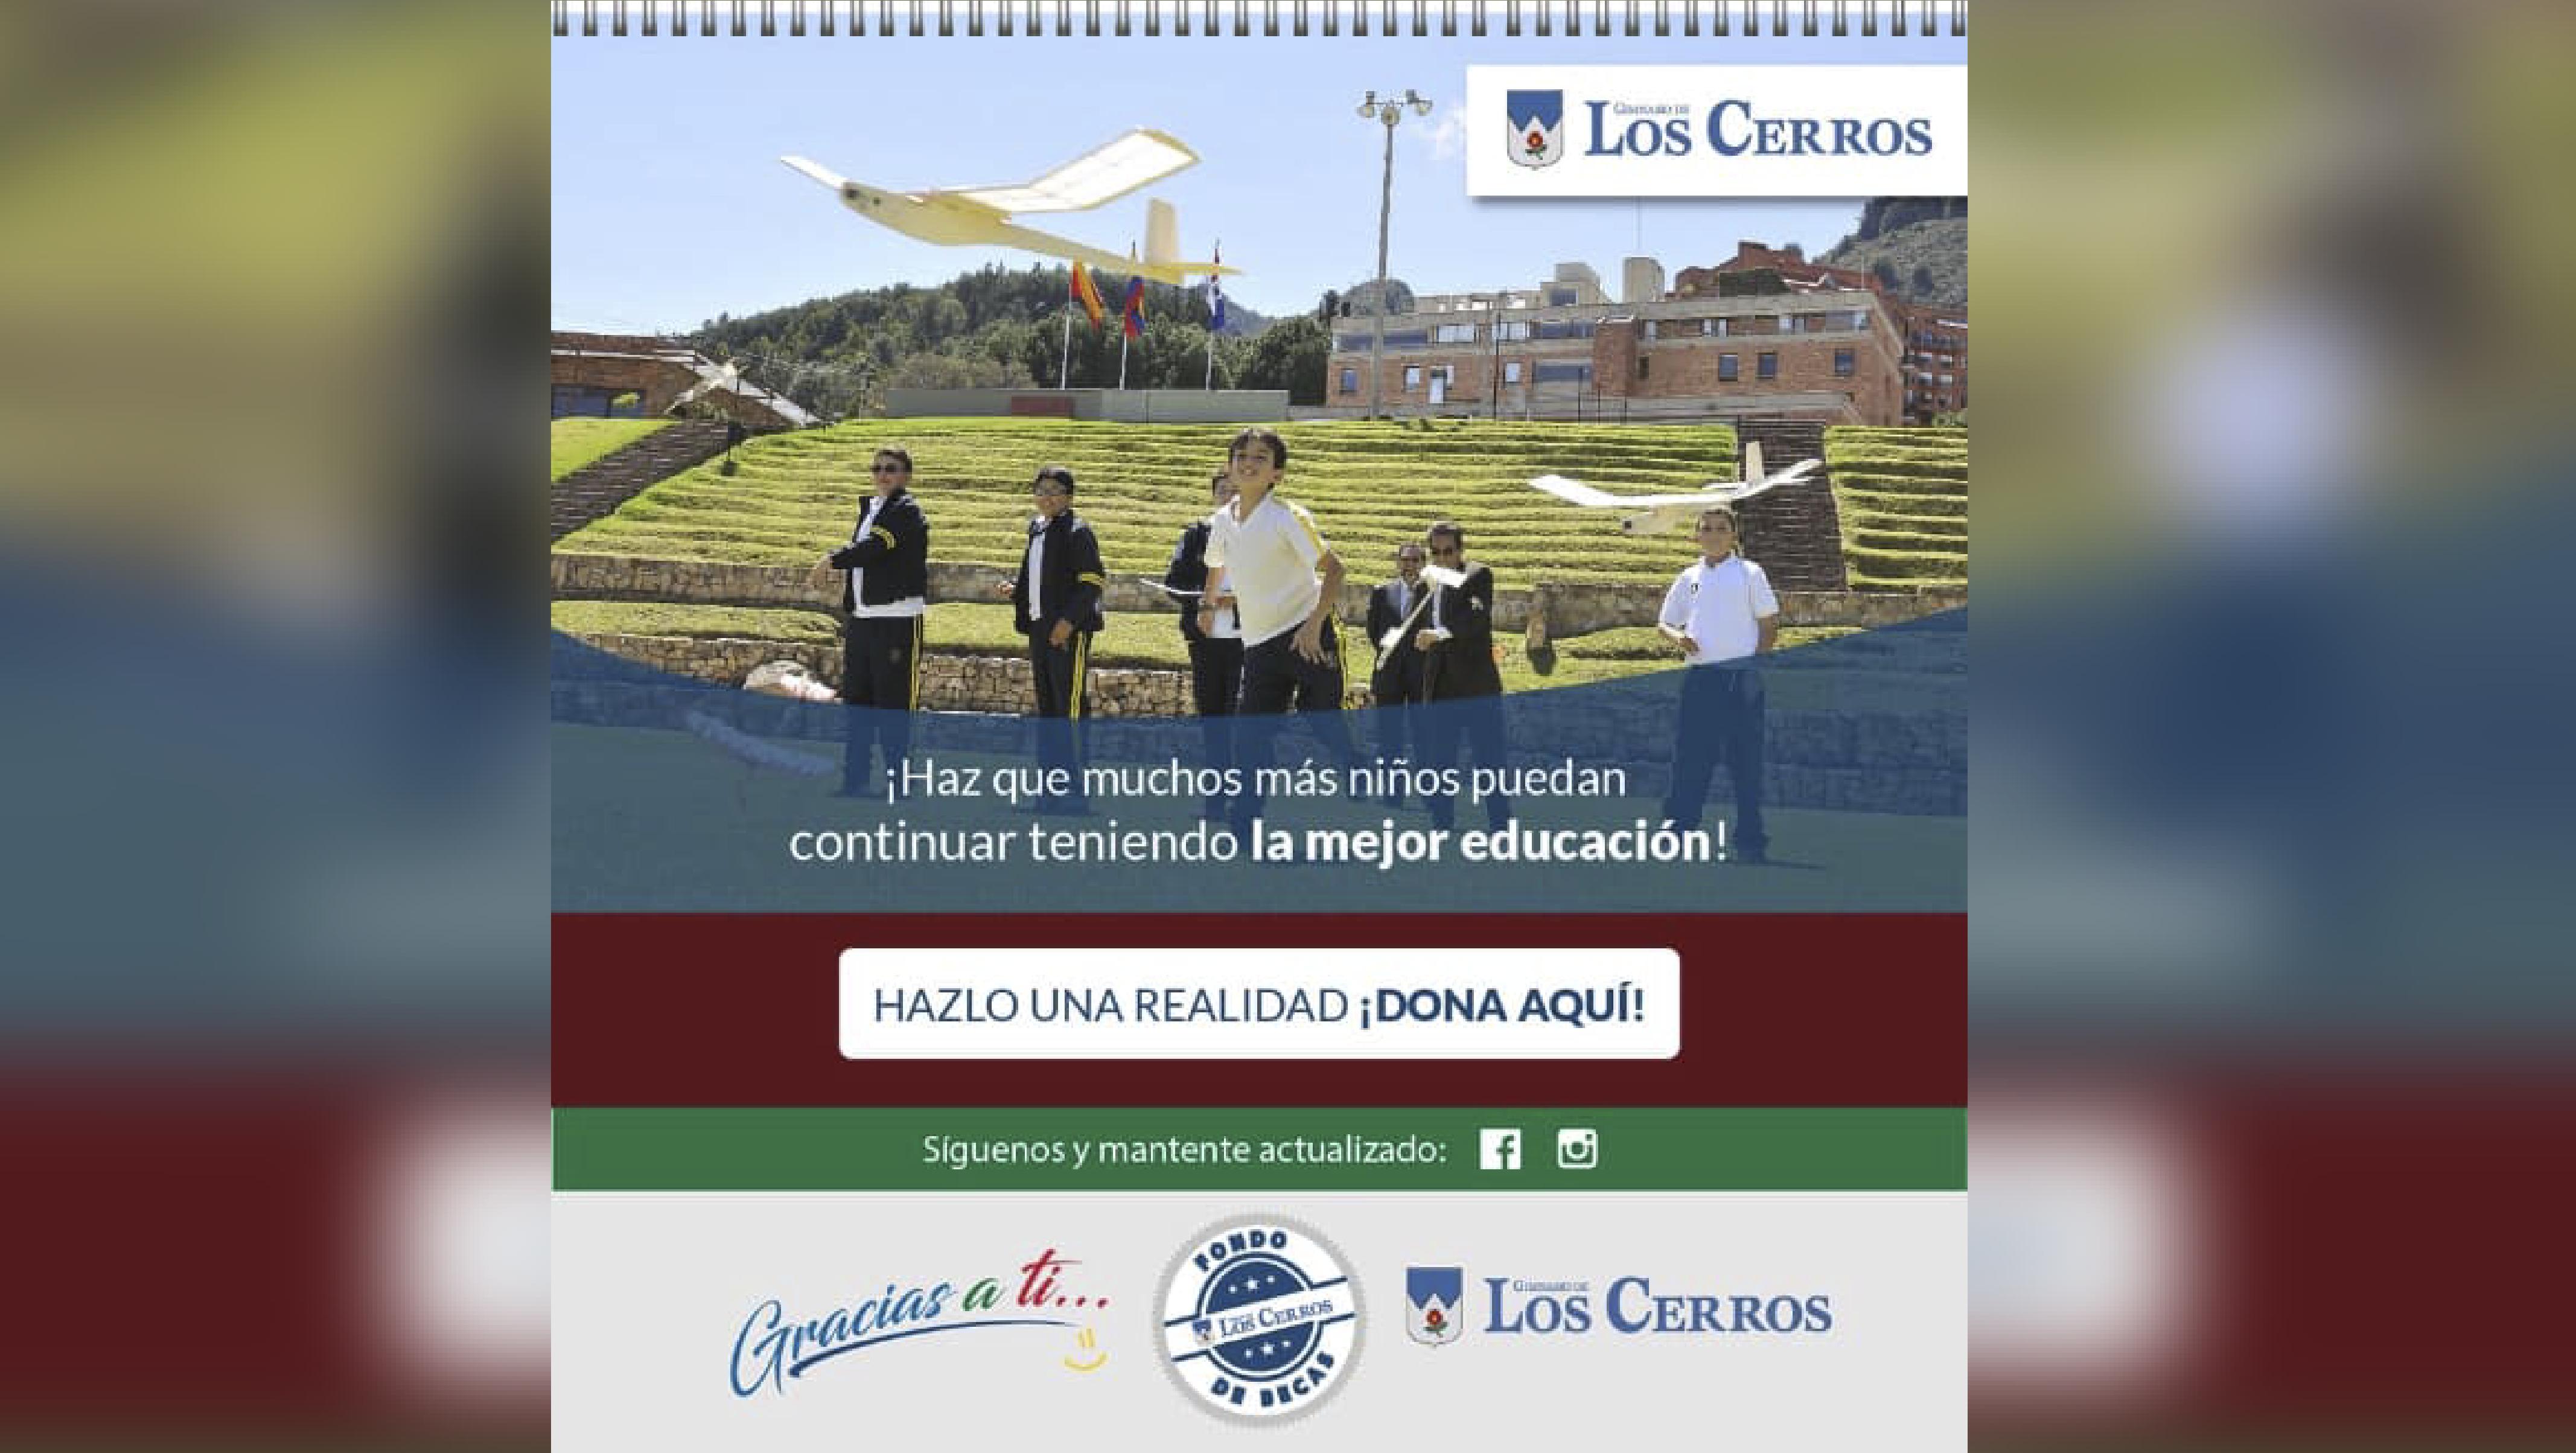 Gimnasio-los-cerros-colegio-bogota-becas-01